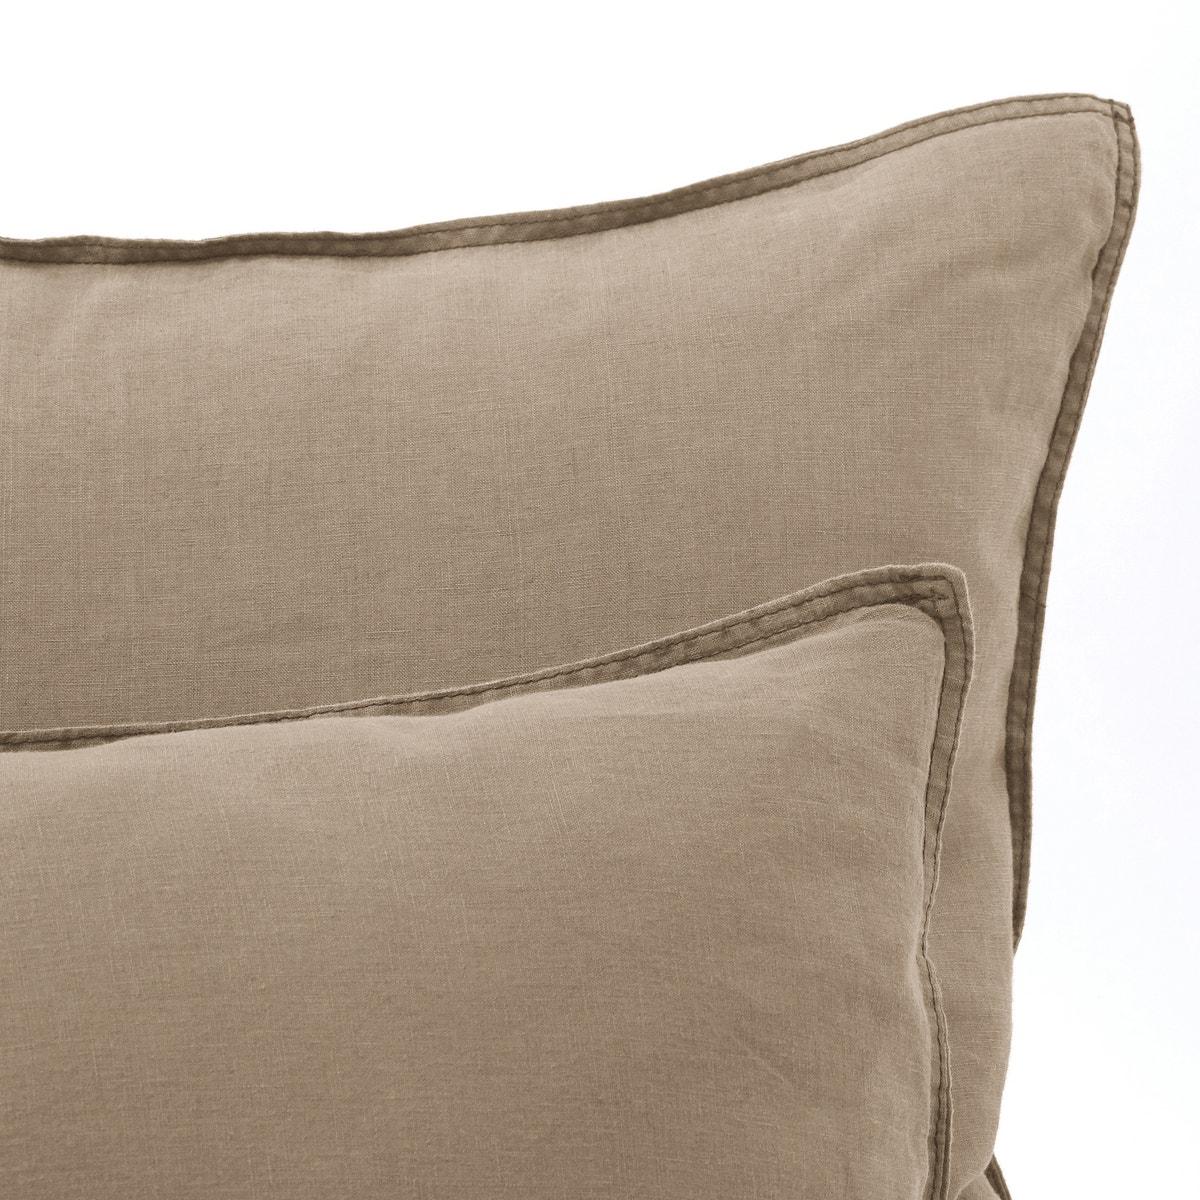 Helm Faded Hemp Pillowcase